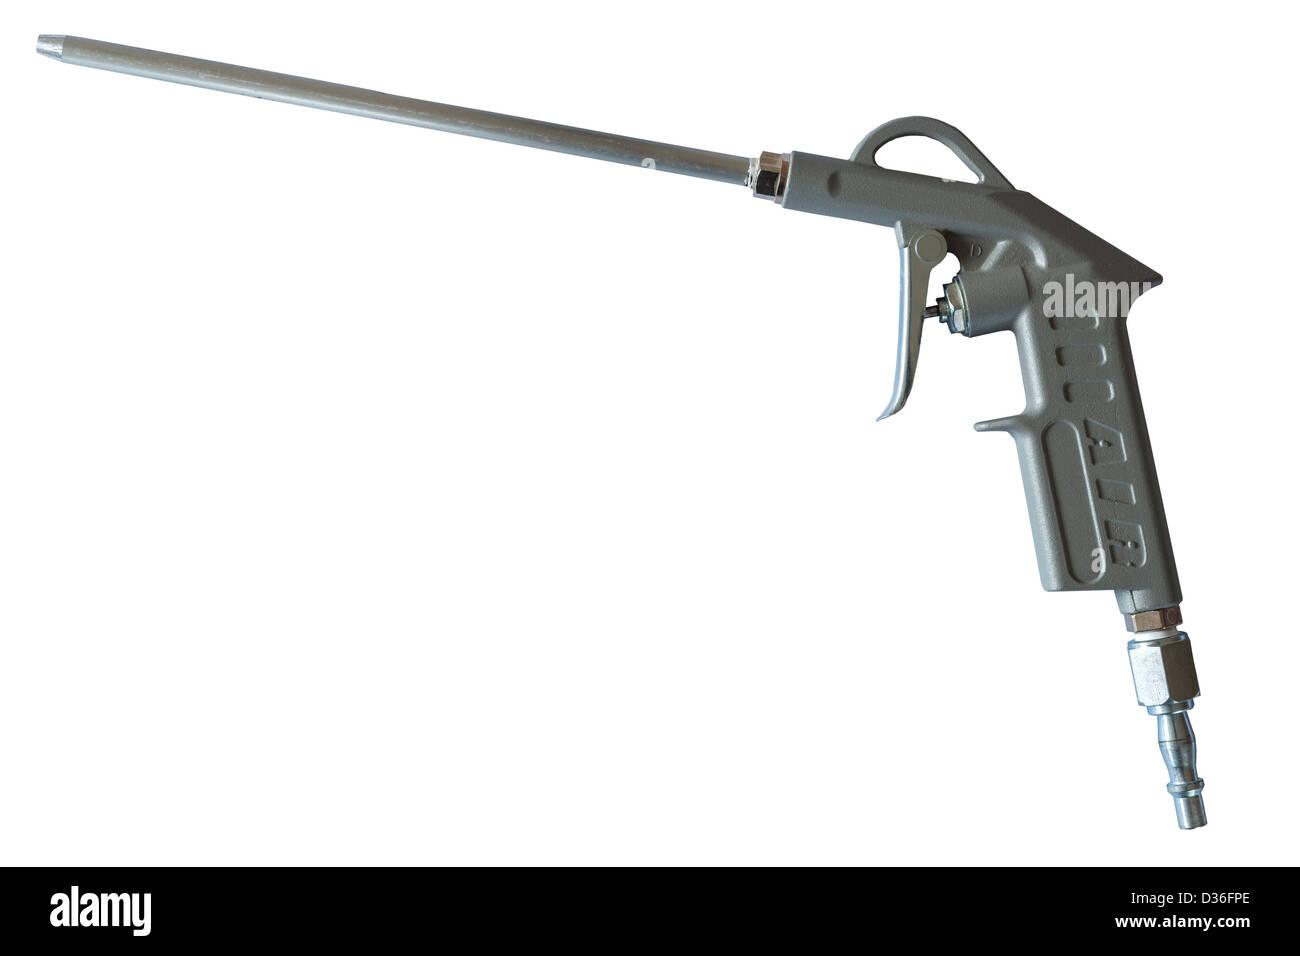 Dépoussiérant un outil à utiliser avec un compresseur d'air sur un fond blanc Photo Stock